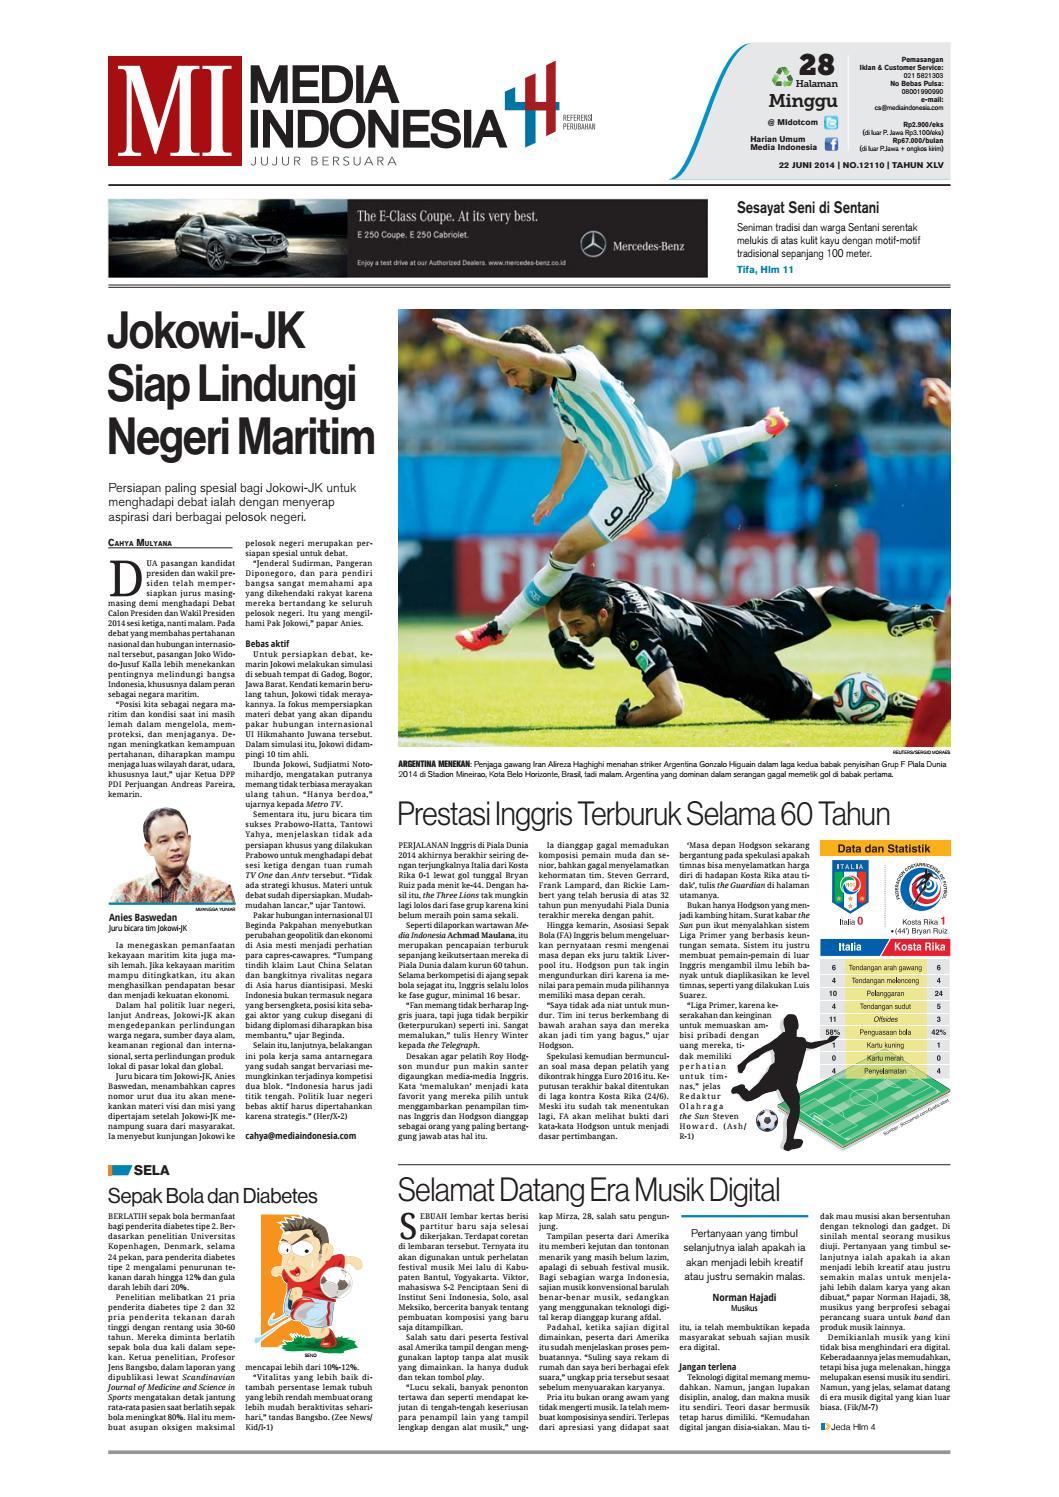 Media Indonesia 22 Juni 2019 By Mediaindonesia Issuu